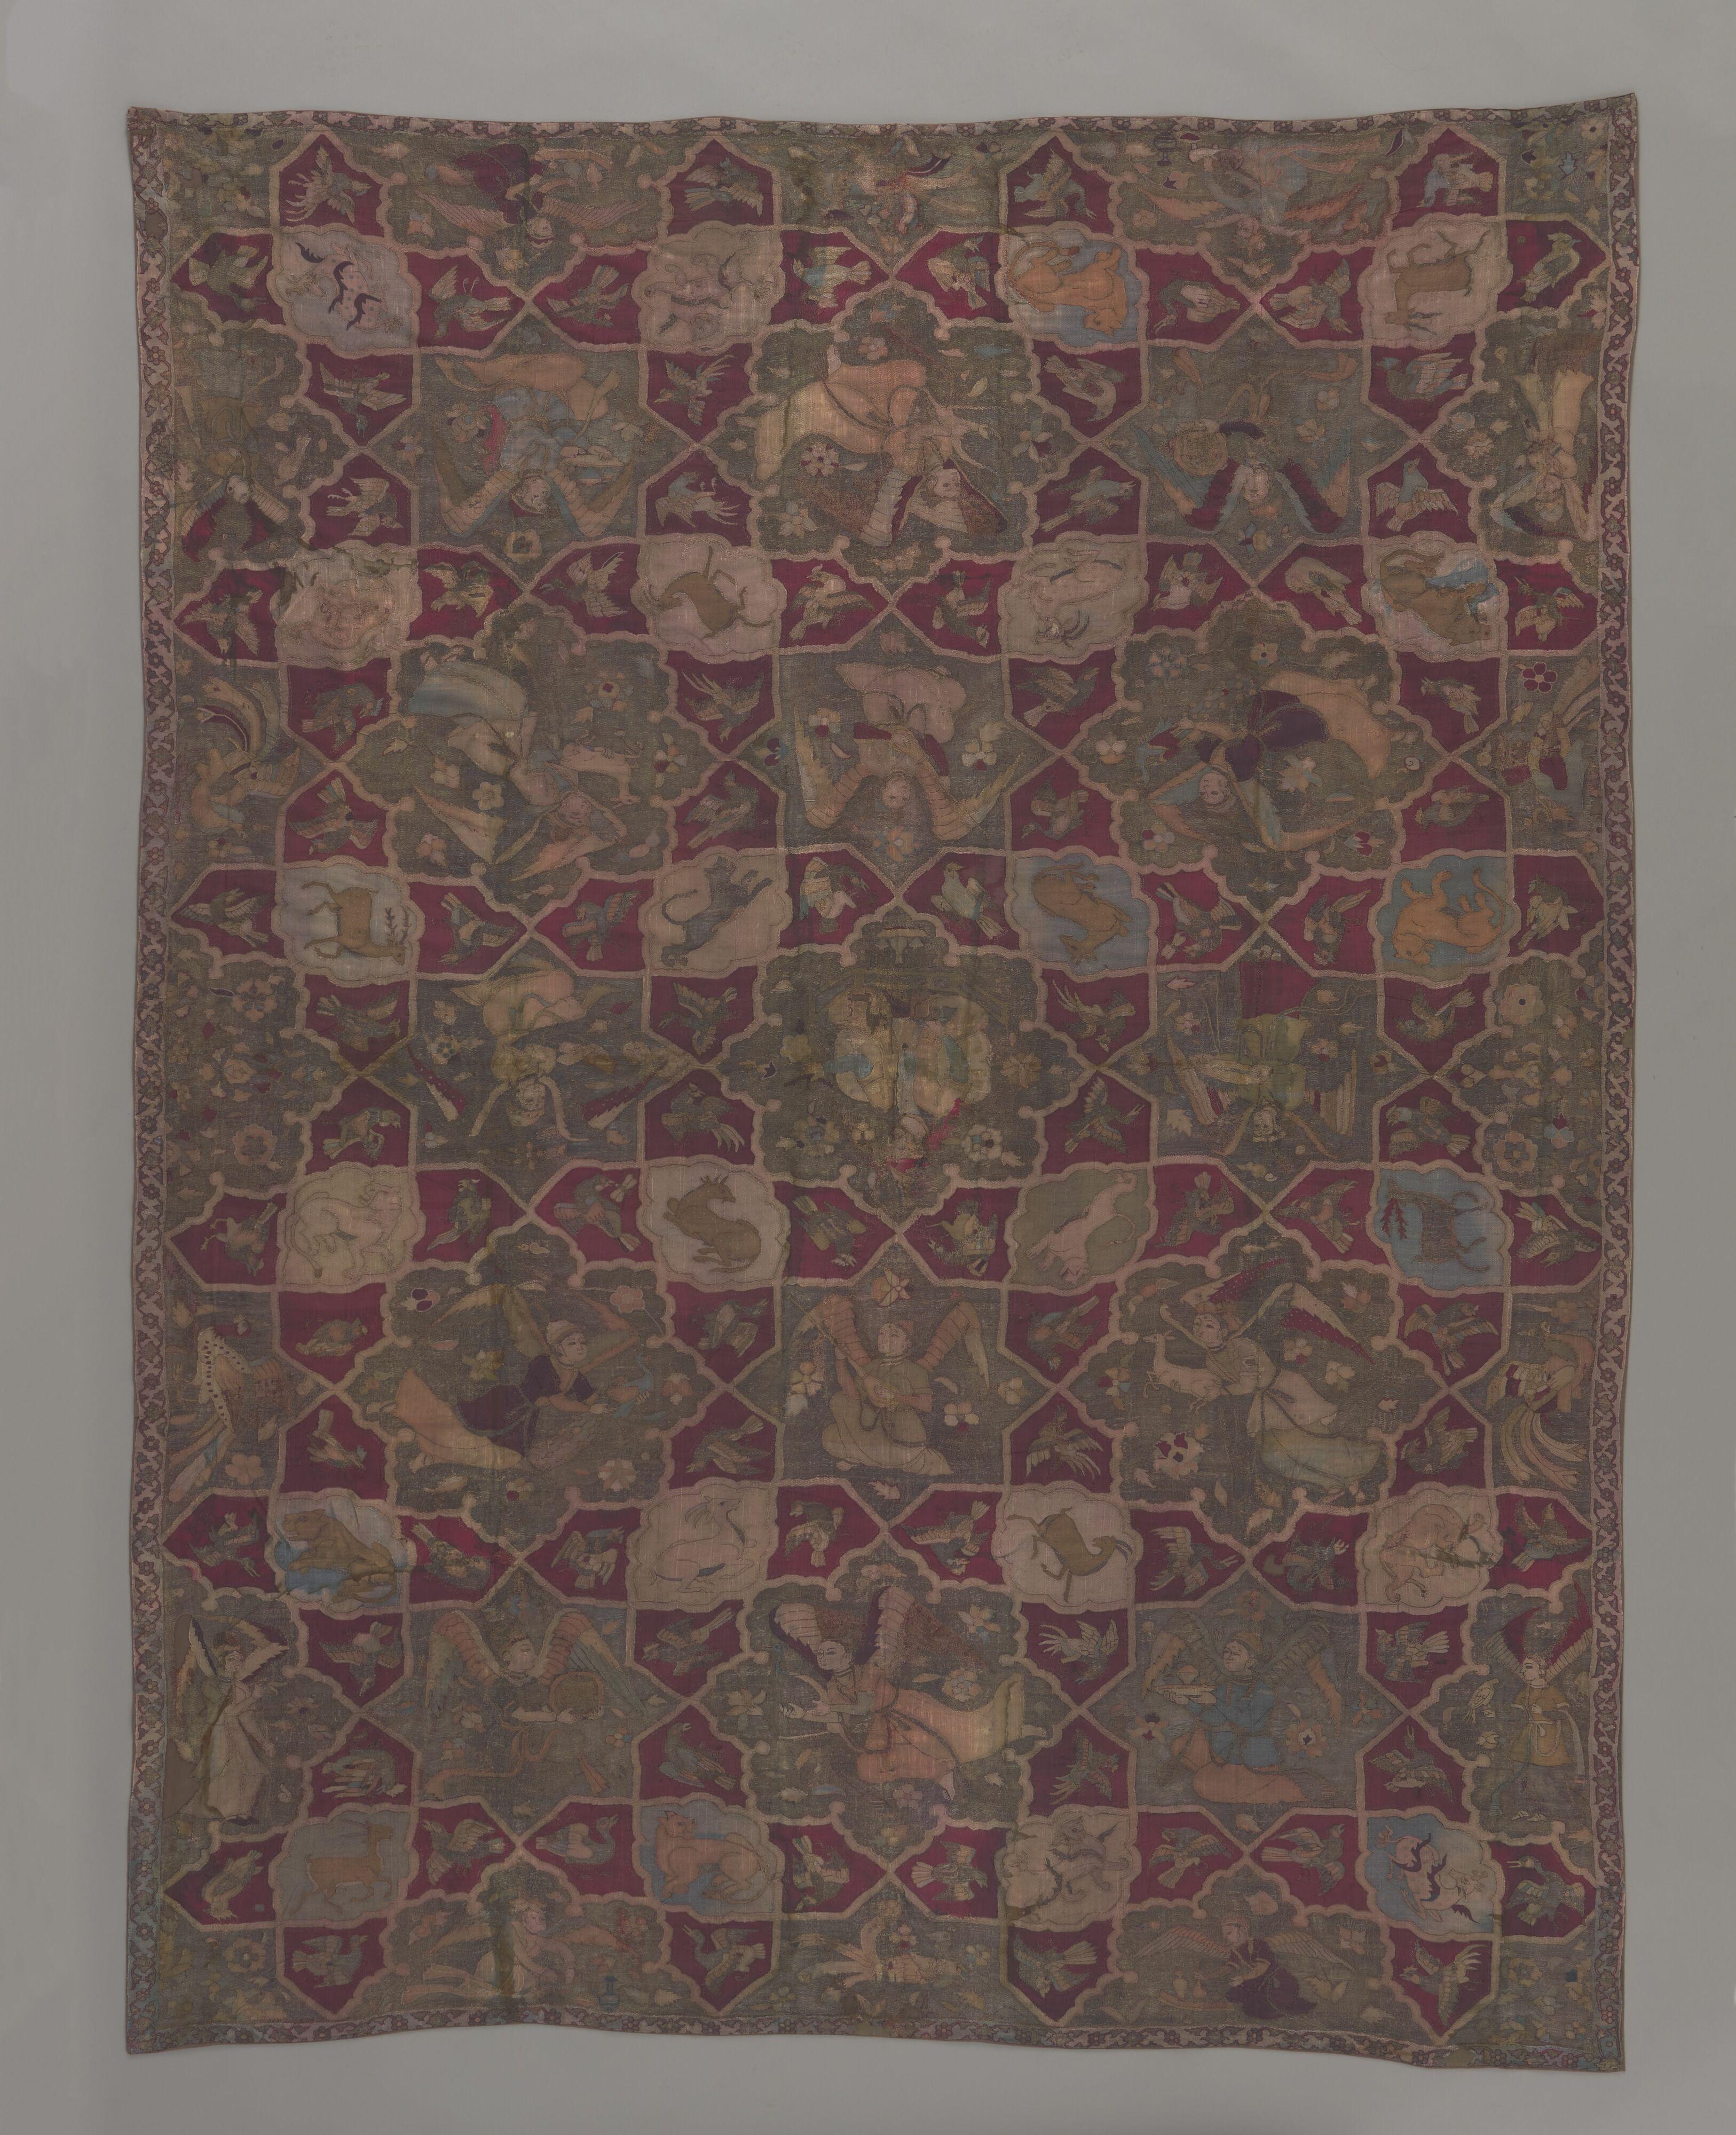 File:Persian tapestry.jpg